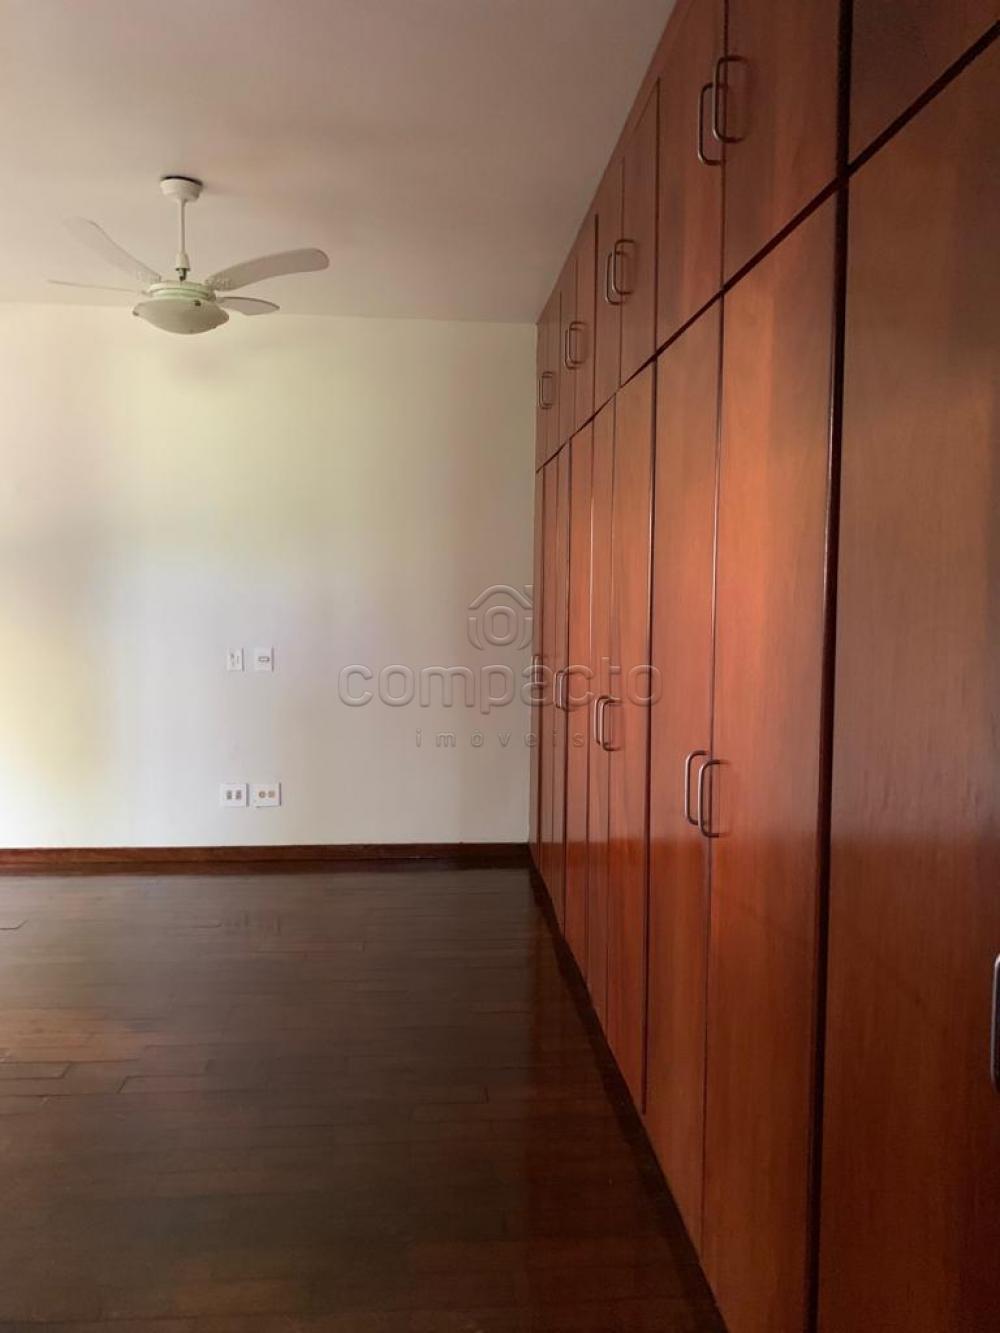 Comprar Casa / Condomínio em São José do Rio Preto - Foto 7